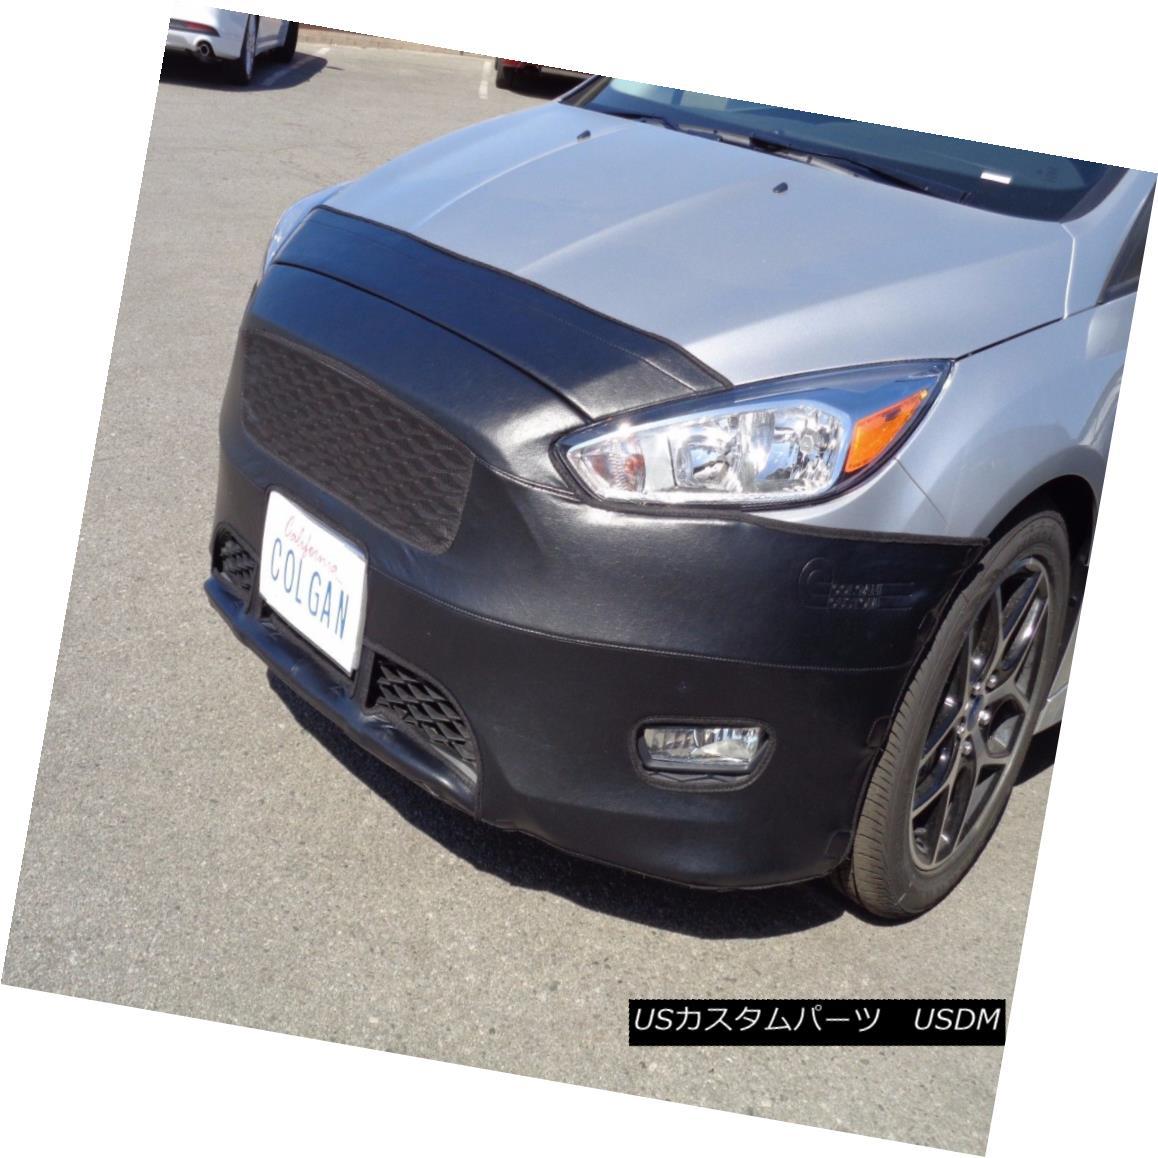 フルブラ ノーズブラ Colgan Front End Mask Bra 2pc. Fits Ford Focus SE Sedan 2015-2016 W/O License pl コルガンフロントエンドマスクブラ2pc Ford Focus SEセダン2015-2016 W / Oに適合ライセンスpl